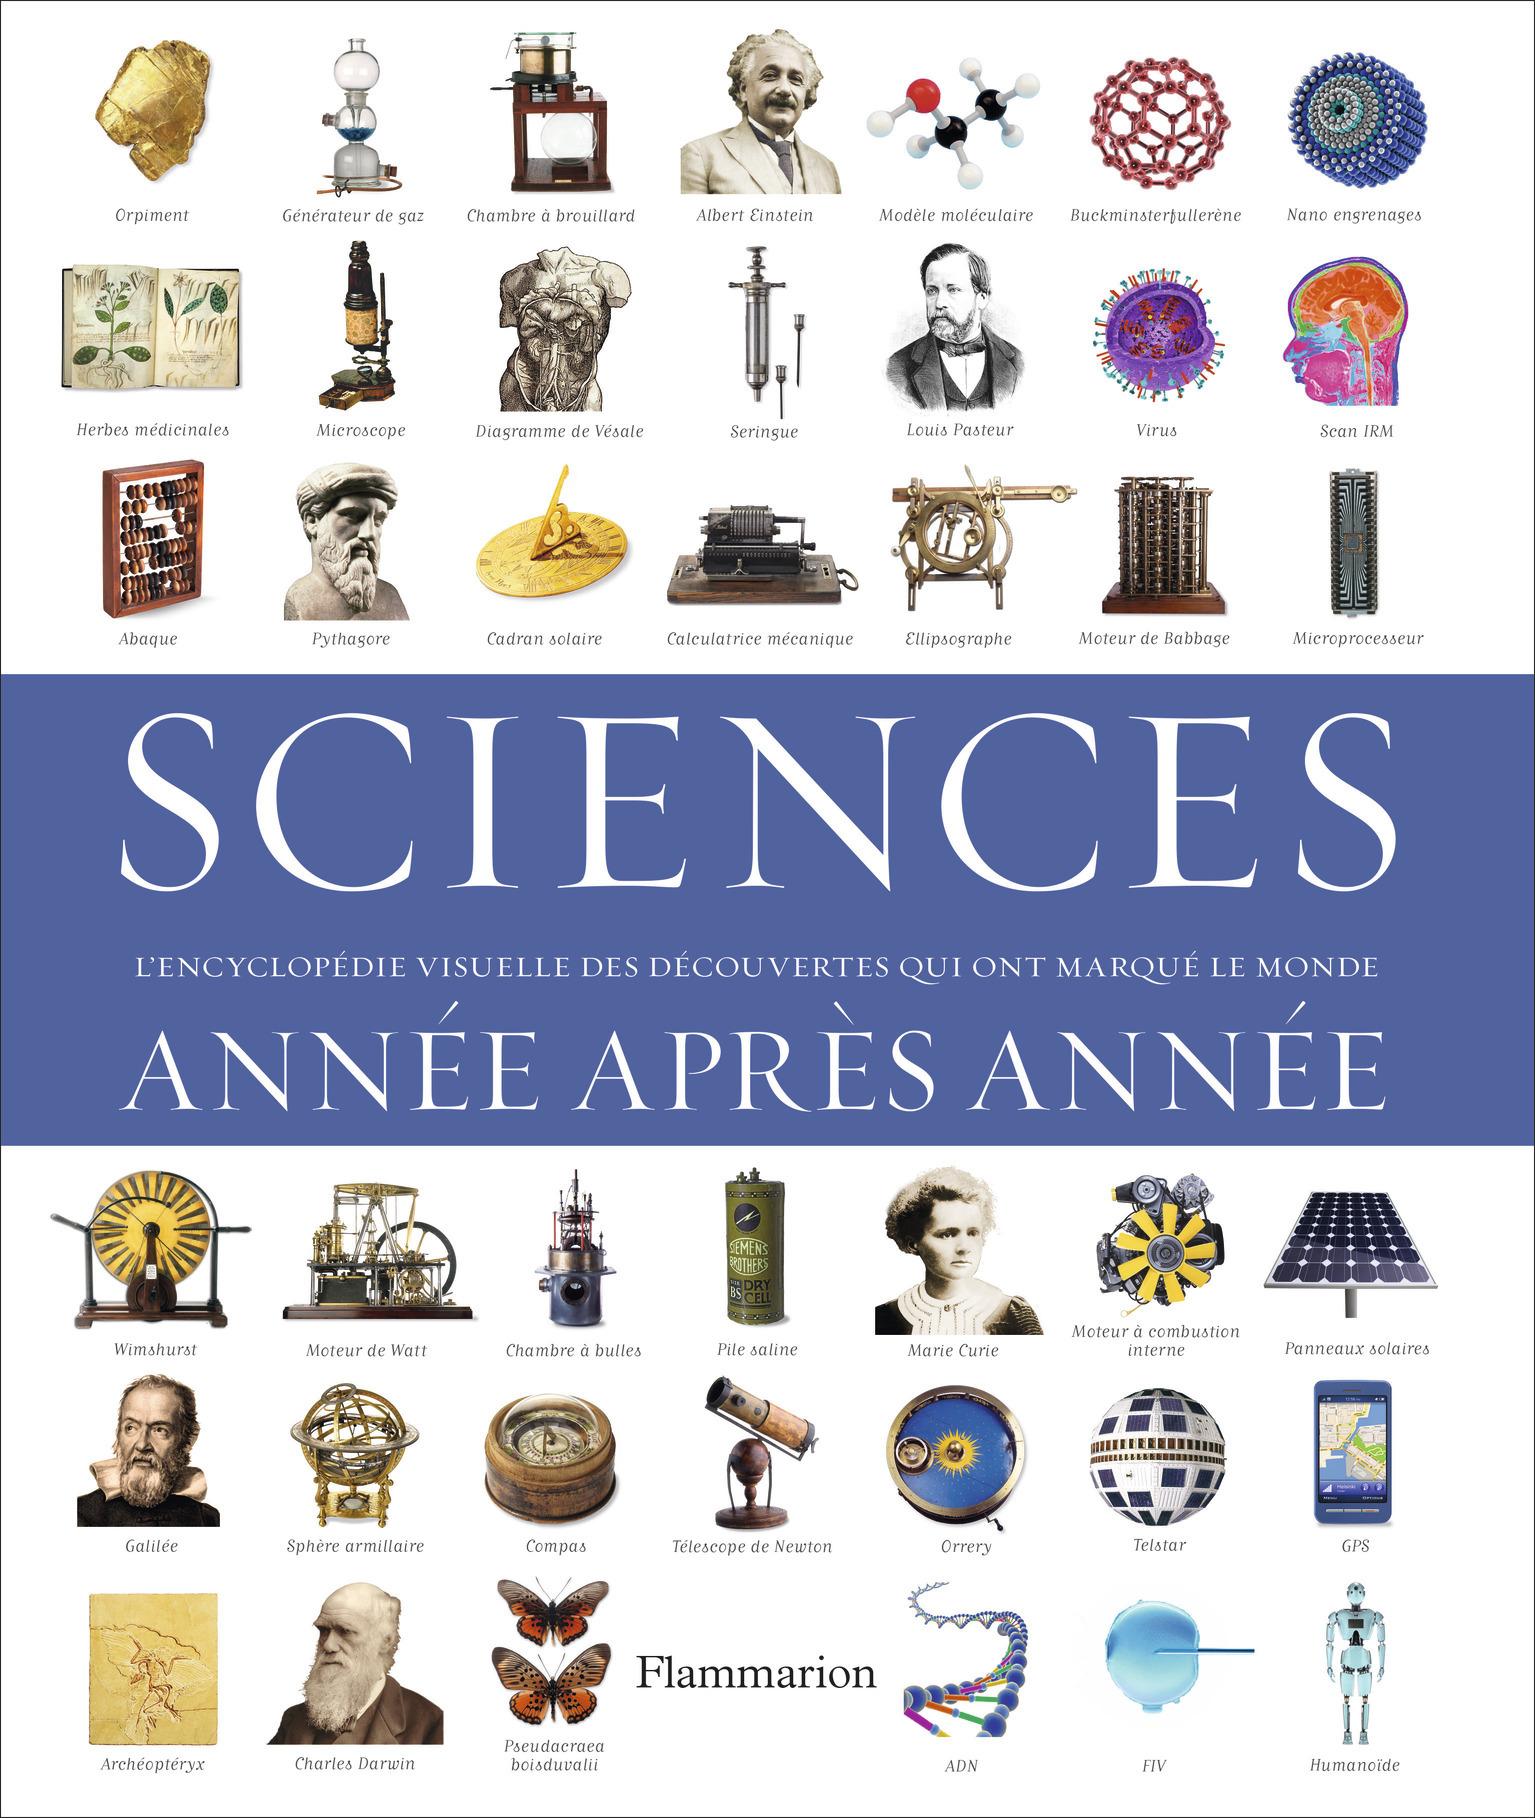 SCIENCES, ANNEE APRES ANNEE - L'ENCYCLOPEDIE VISUELLE DES DECOUVERTES QUI ONT MARQUE LE MONDE